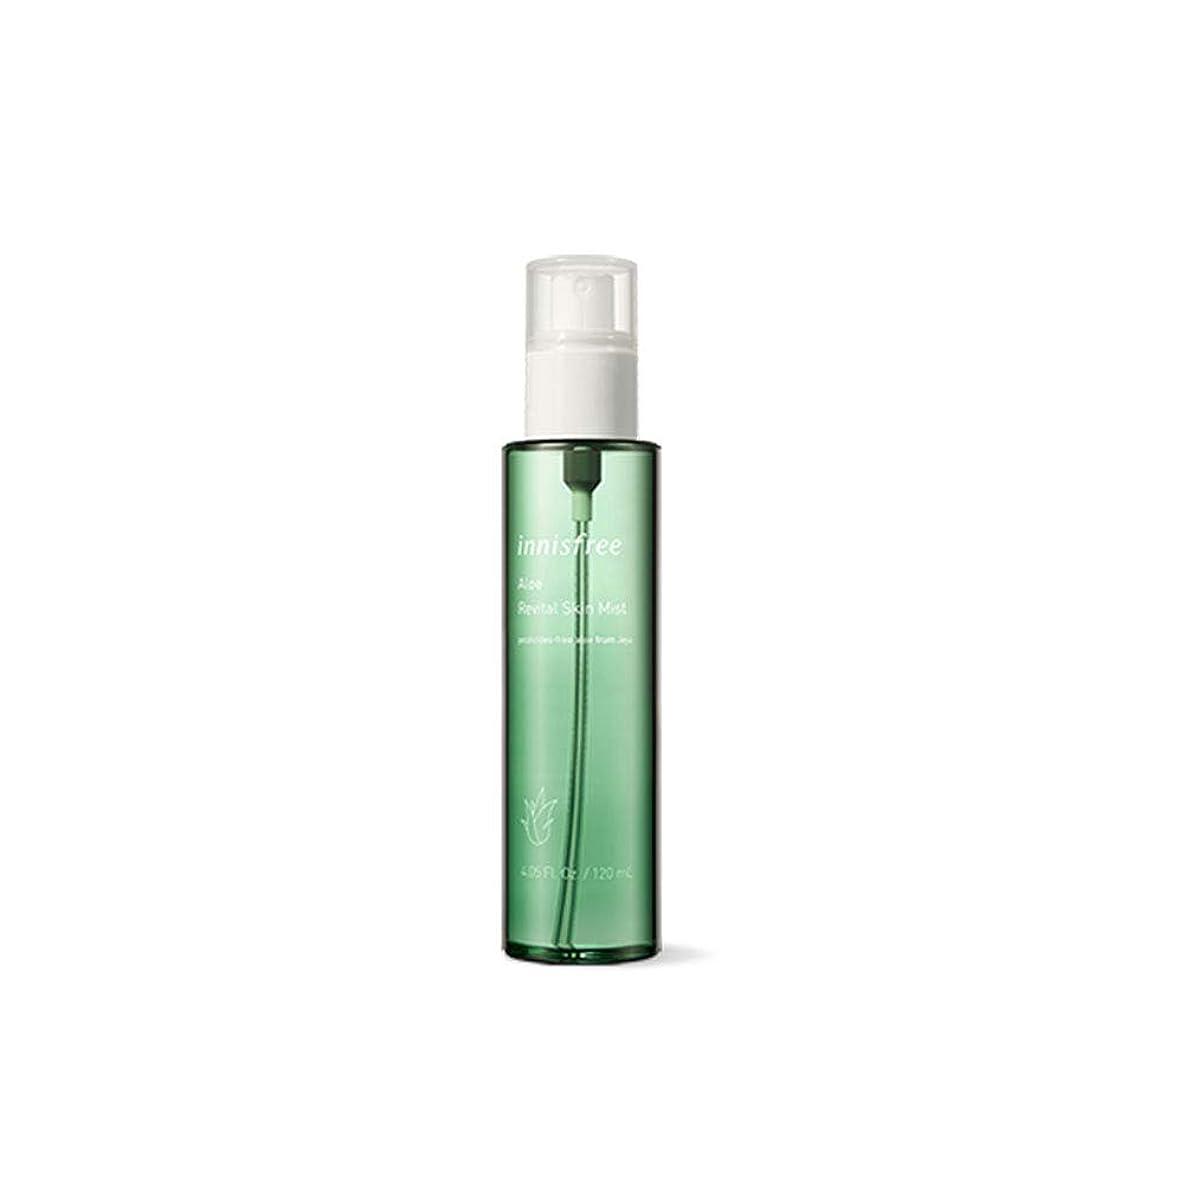 キー被害者ペイントイニスフリー Innisfree アロエ リバイタル スキンミスト(120ml)2015.6. Innisfree Aloe Revital Skin Mist(120ml) [海外直送品]